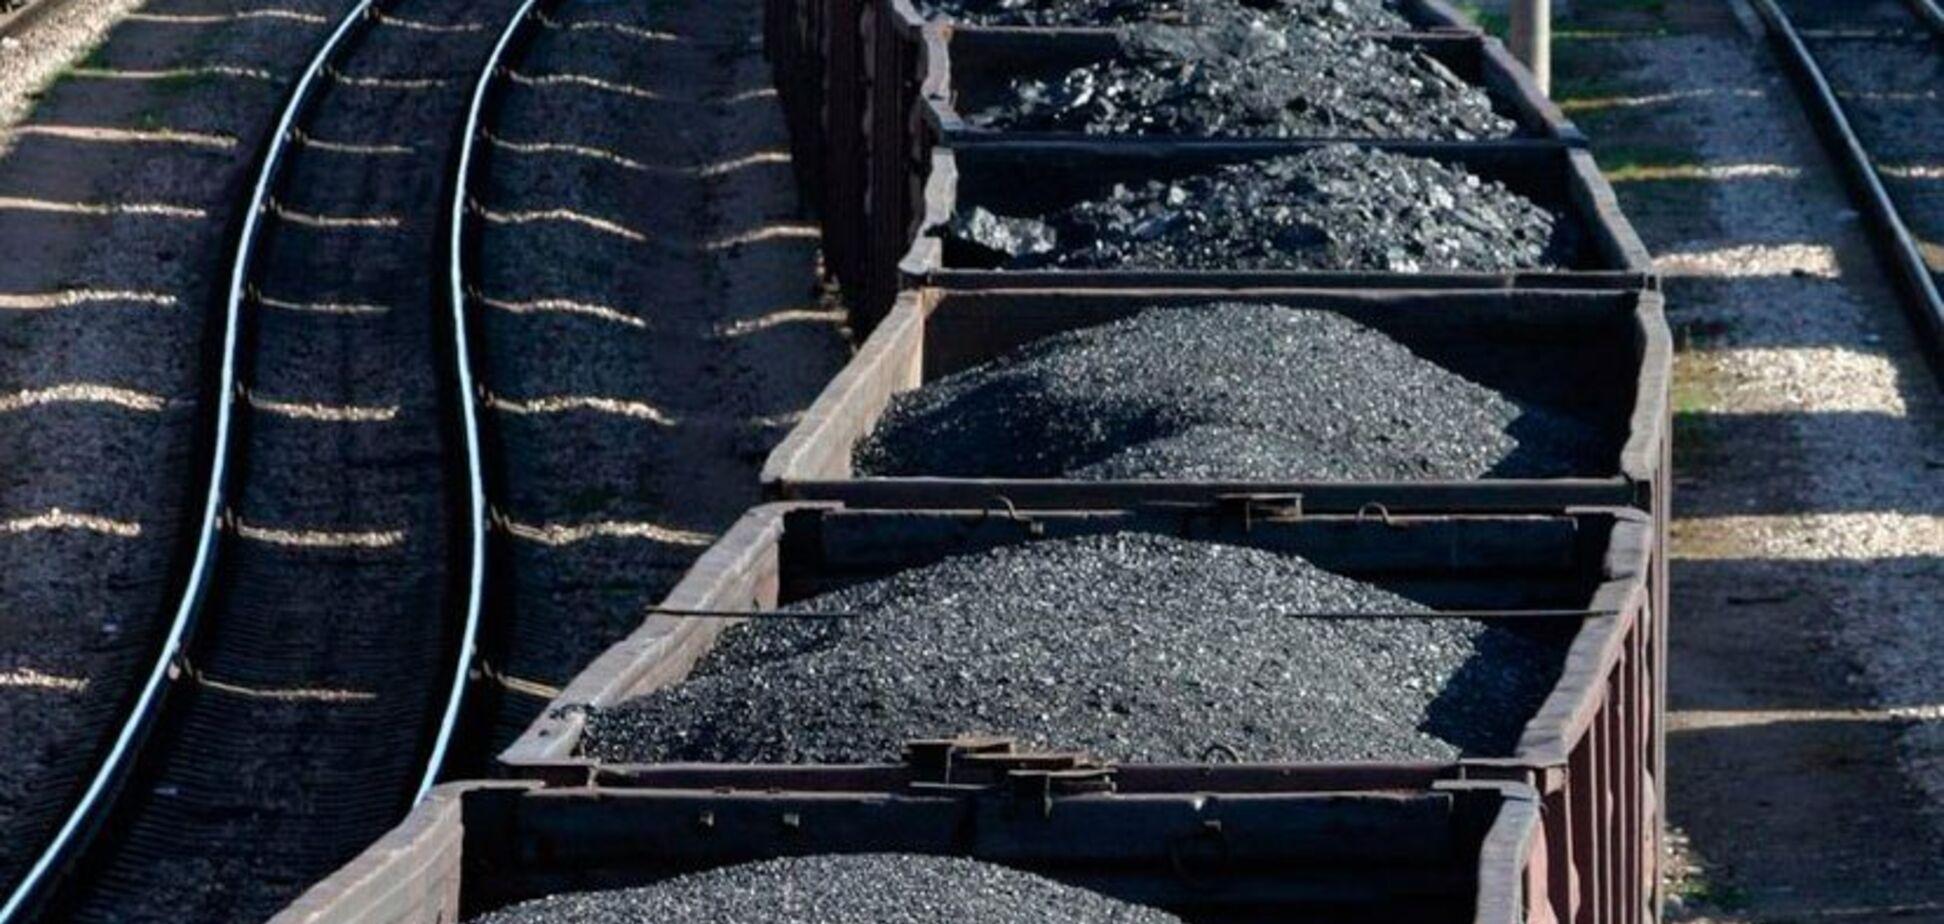 Ситуацію з нестачею вугілля на ТЕС ще можна виправити, збільшивши фінансування держшахт